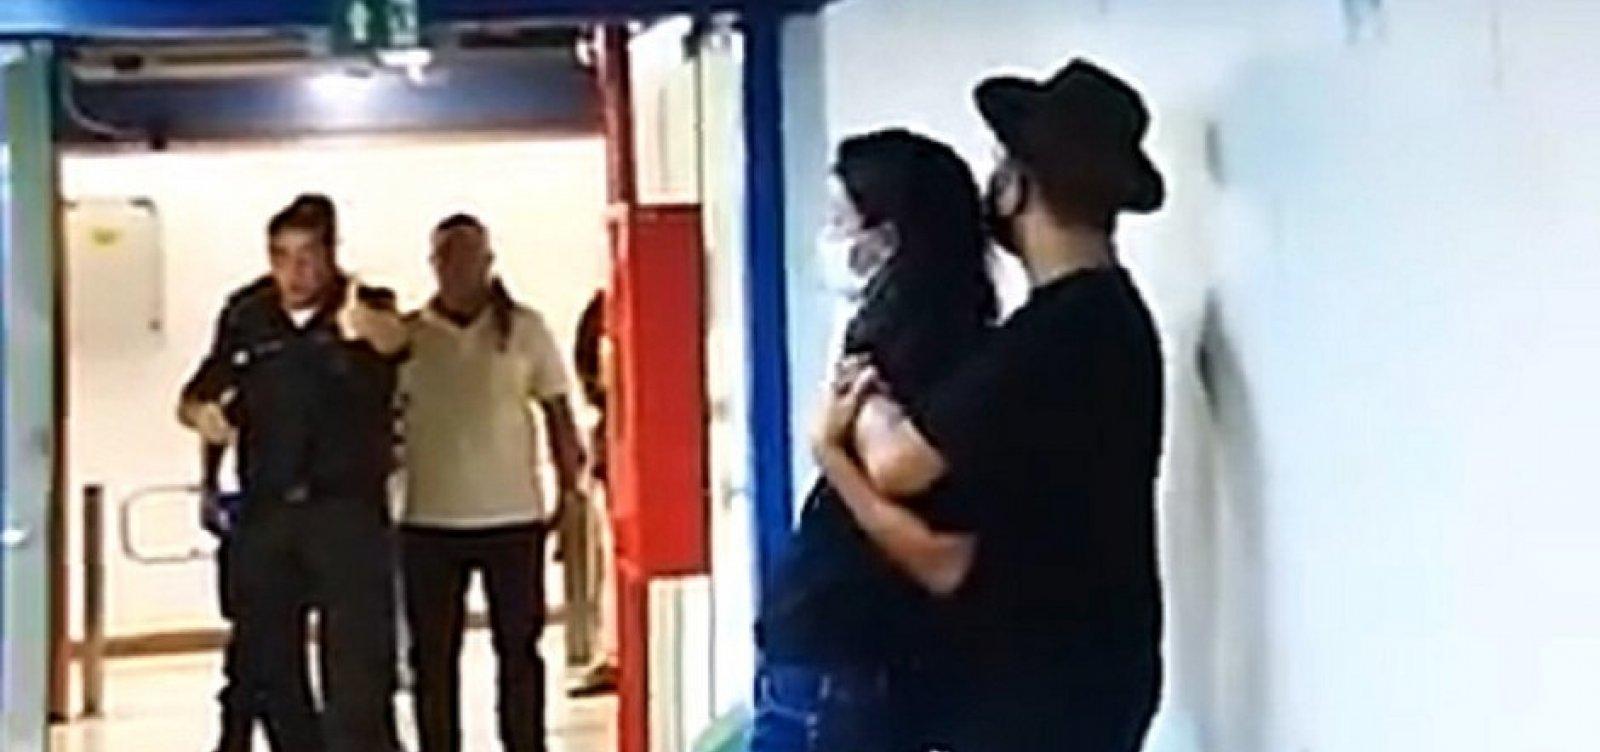 [Globo nega motivação política em ataque com refém na sede de emissora]